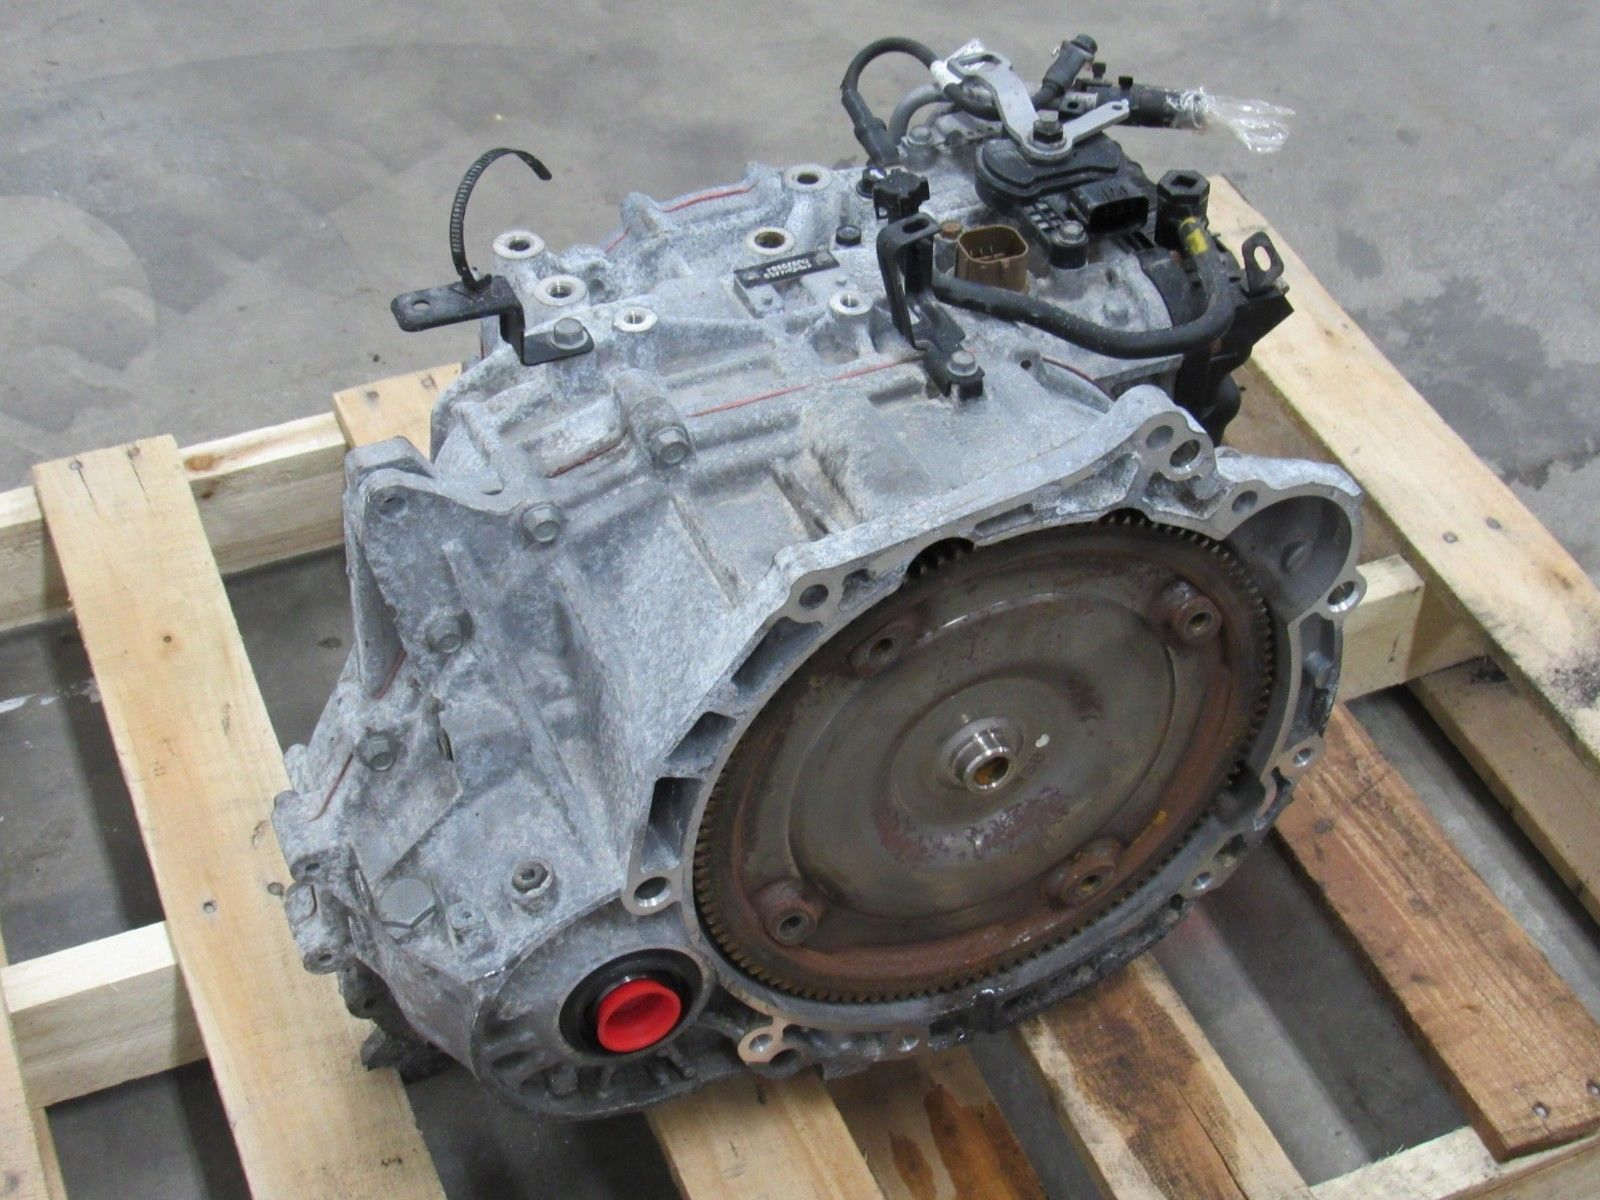 11 13 Hyundai Elantra Sedan 18l Automatic Transmission 43k Auto 1 8l Engine Trans 60 Day A